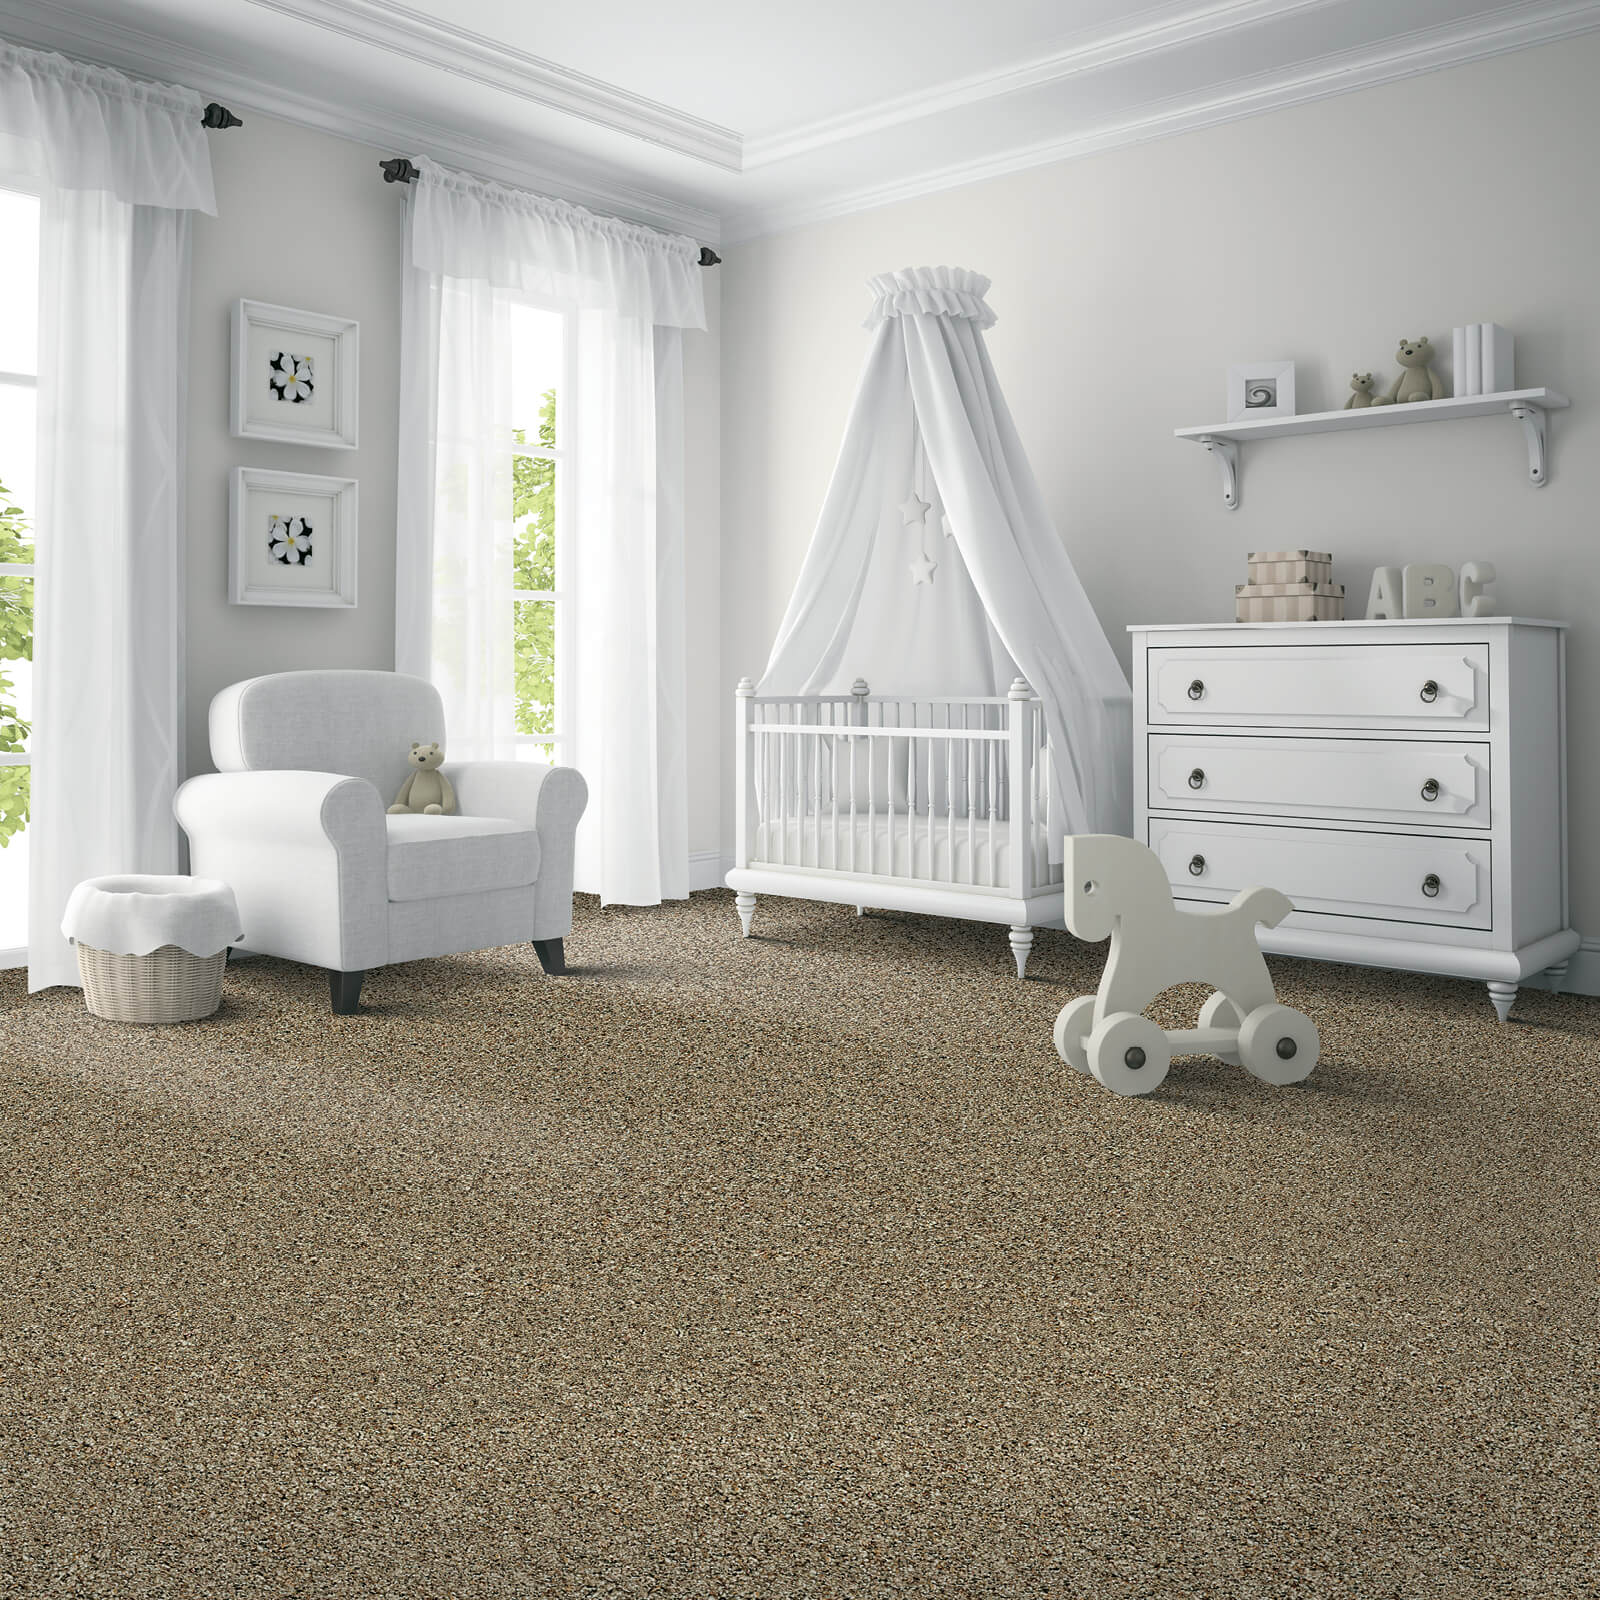 Kids room carpet | Dolphin Carpet & Tile